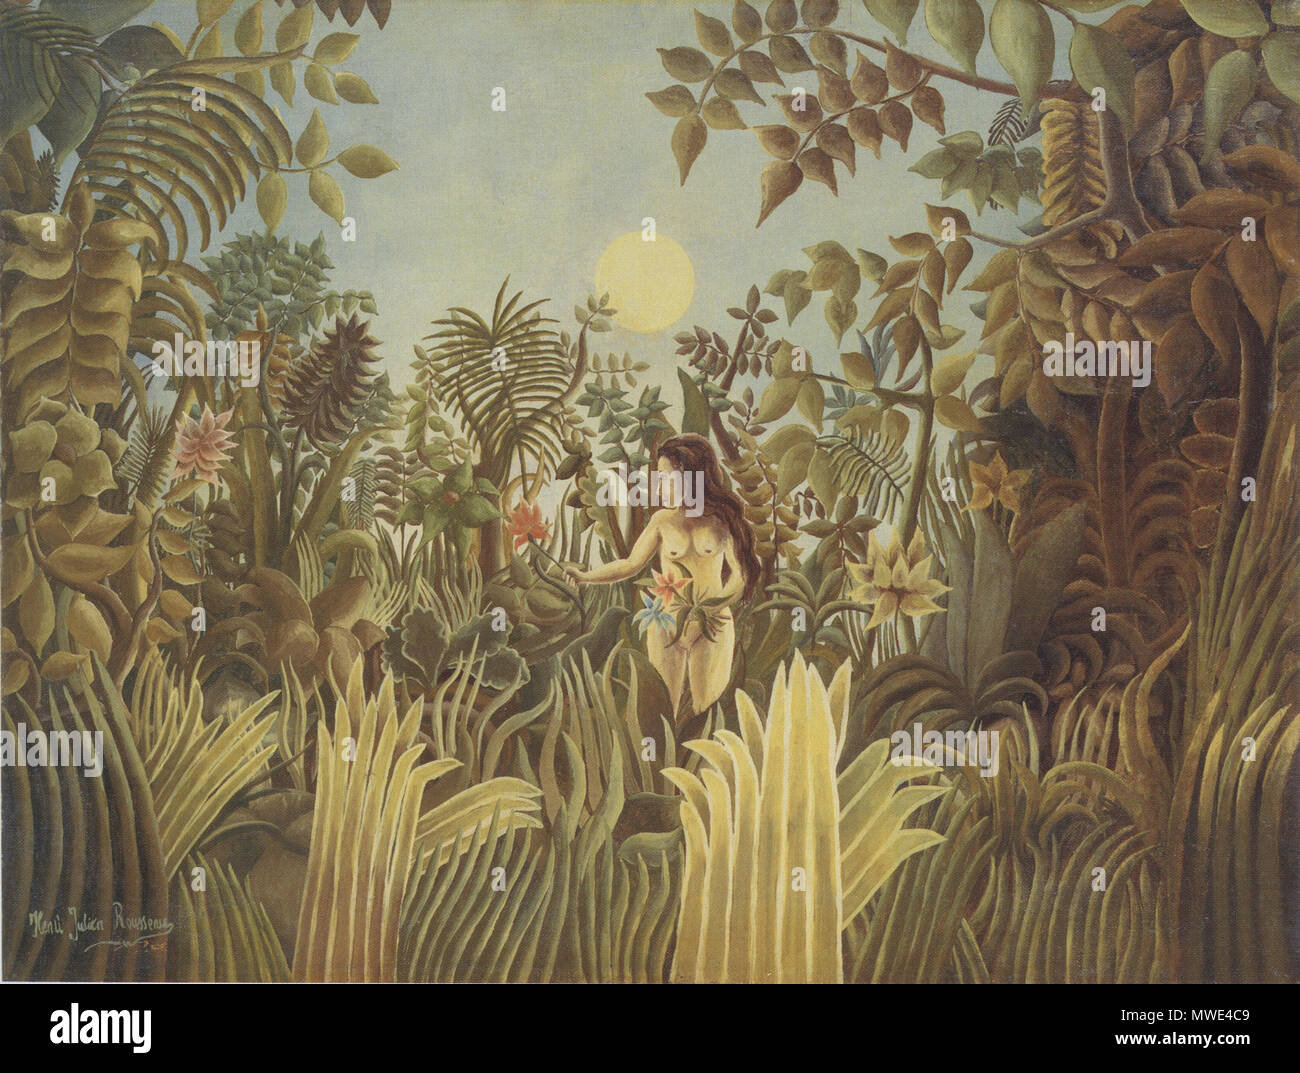 Eve In The Garden Of Eden Stock Photos & Eve In The Garden Of Eden ...